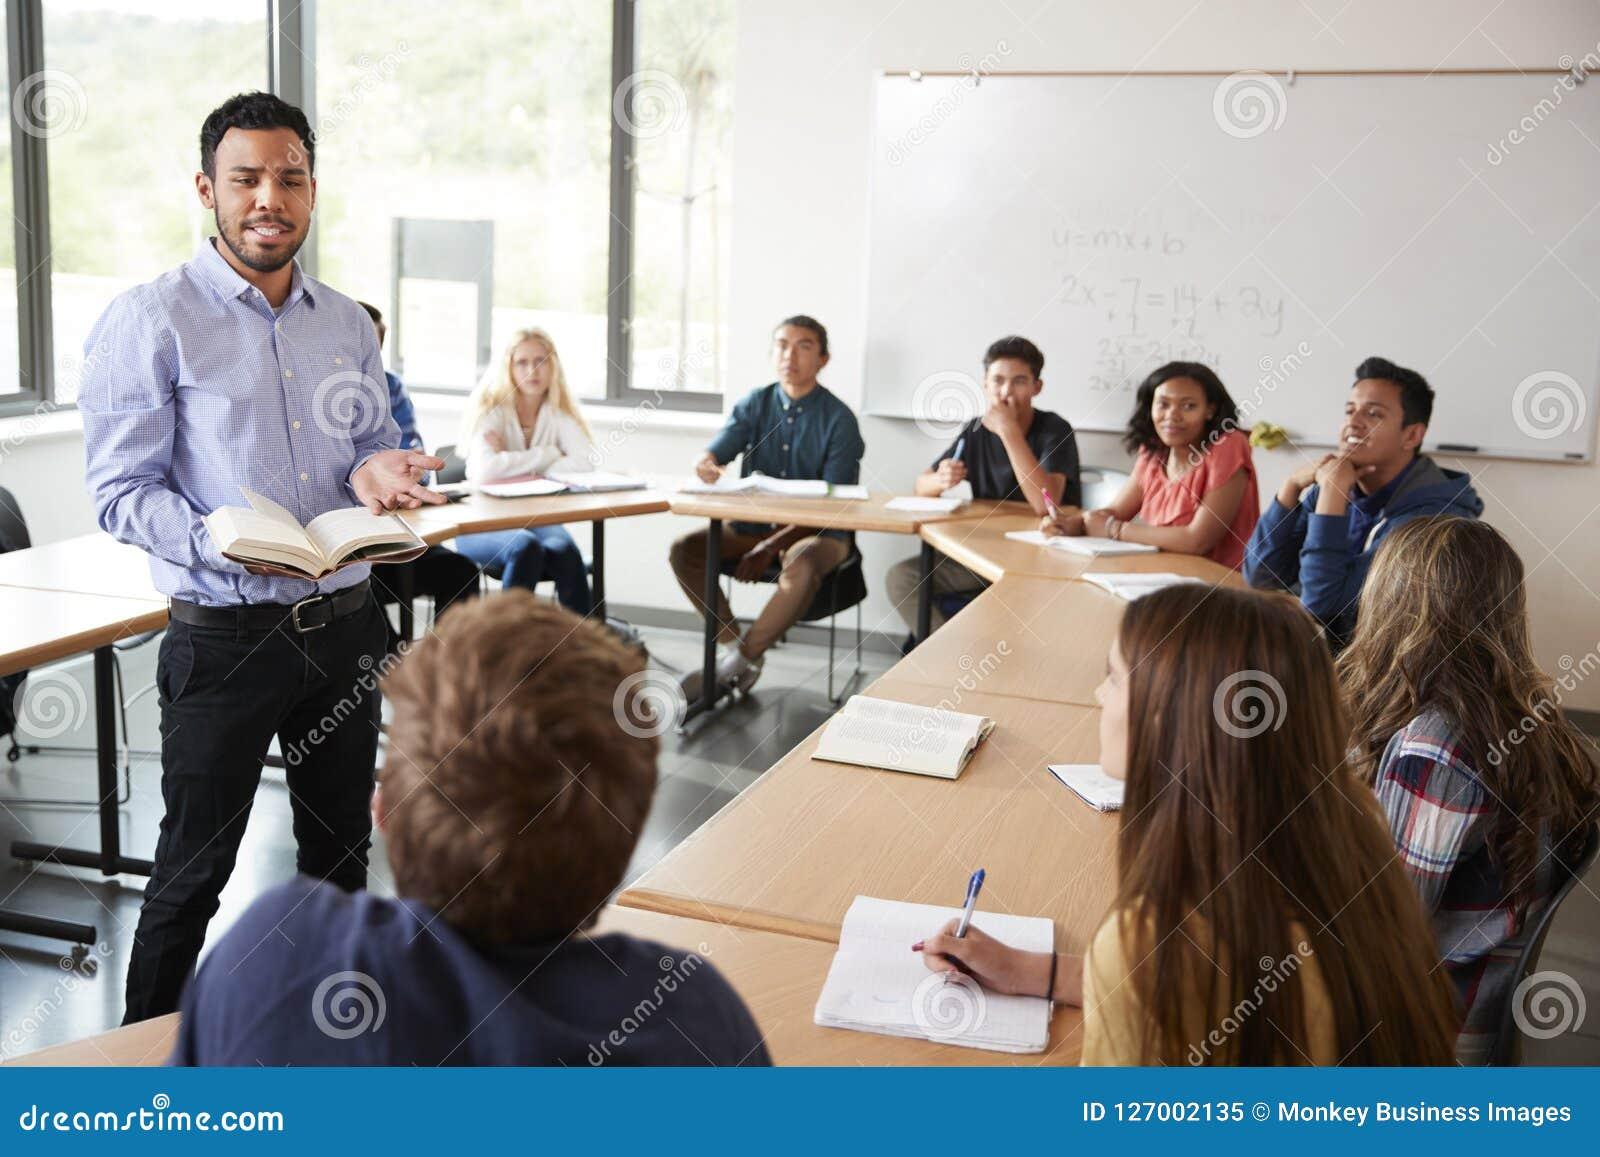 Mannelijke Middelbare schoolprivé-leraar With Pupils Sitting bij de Wiskundeklasse van het Lijstonderwijs